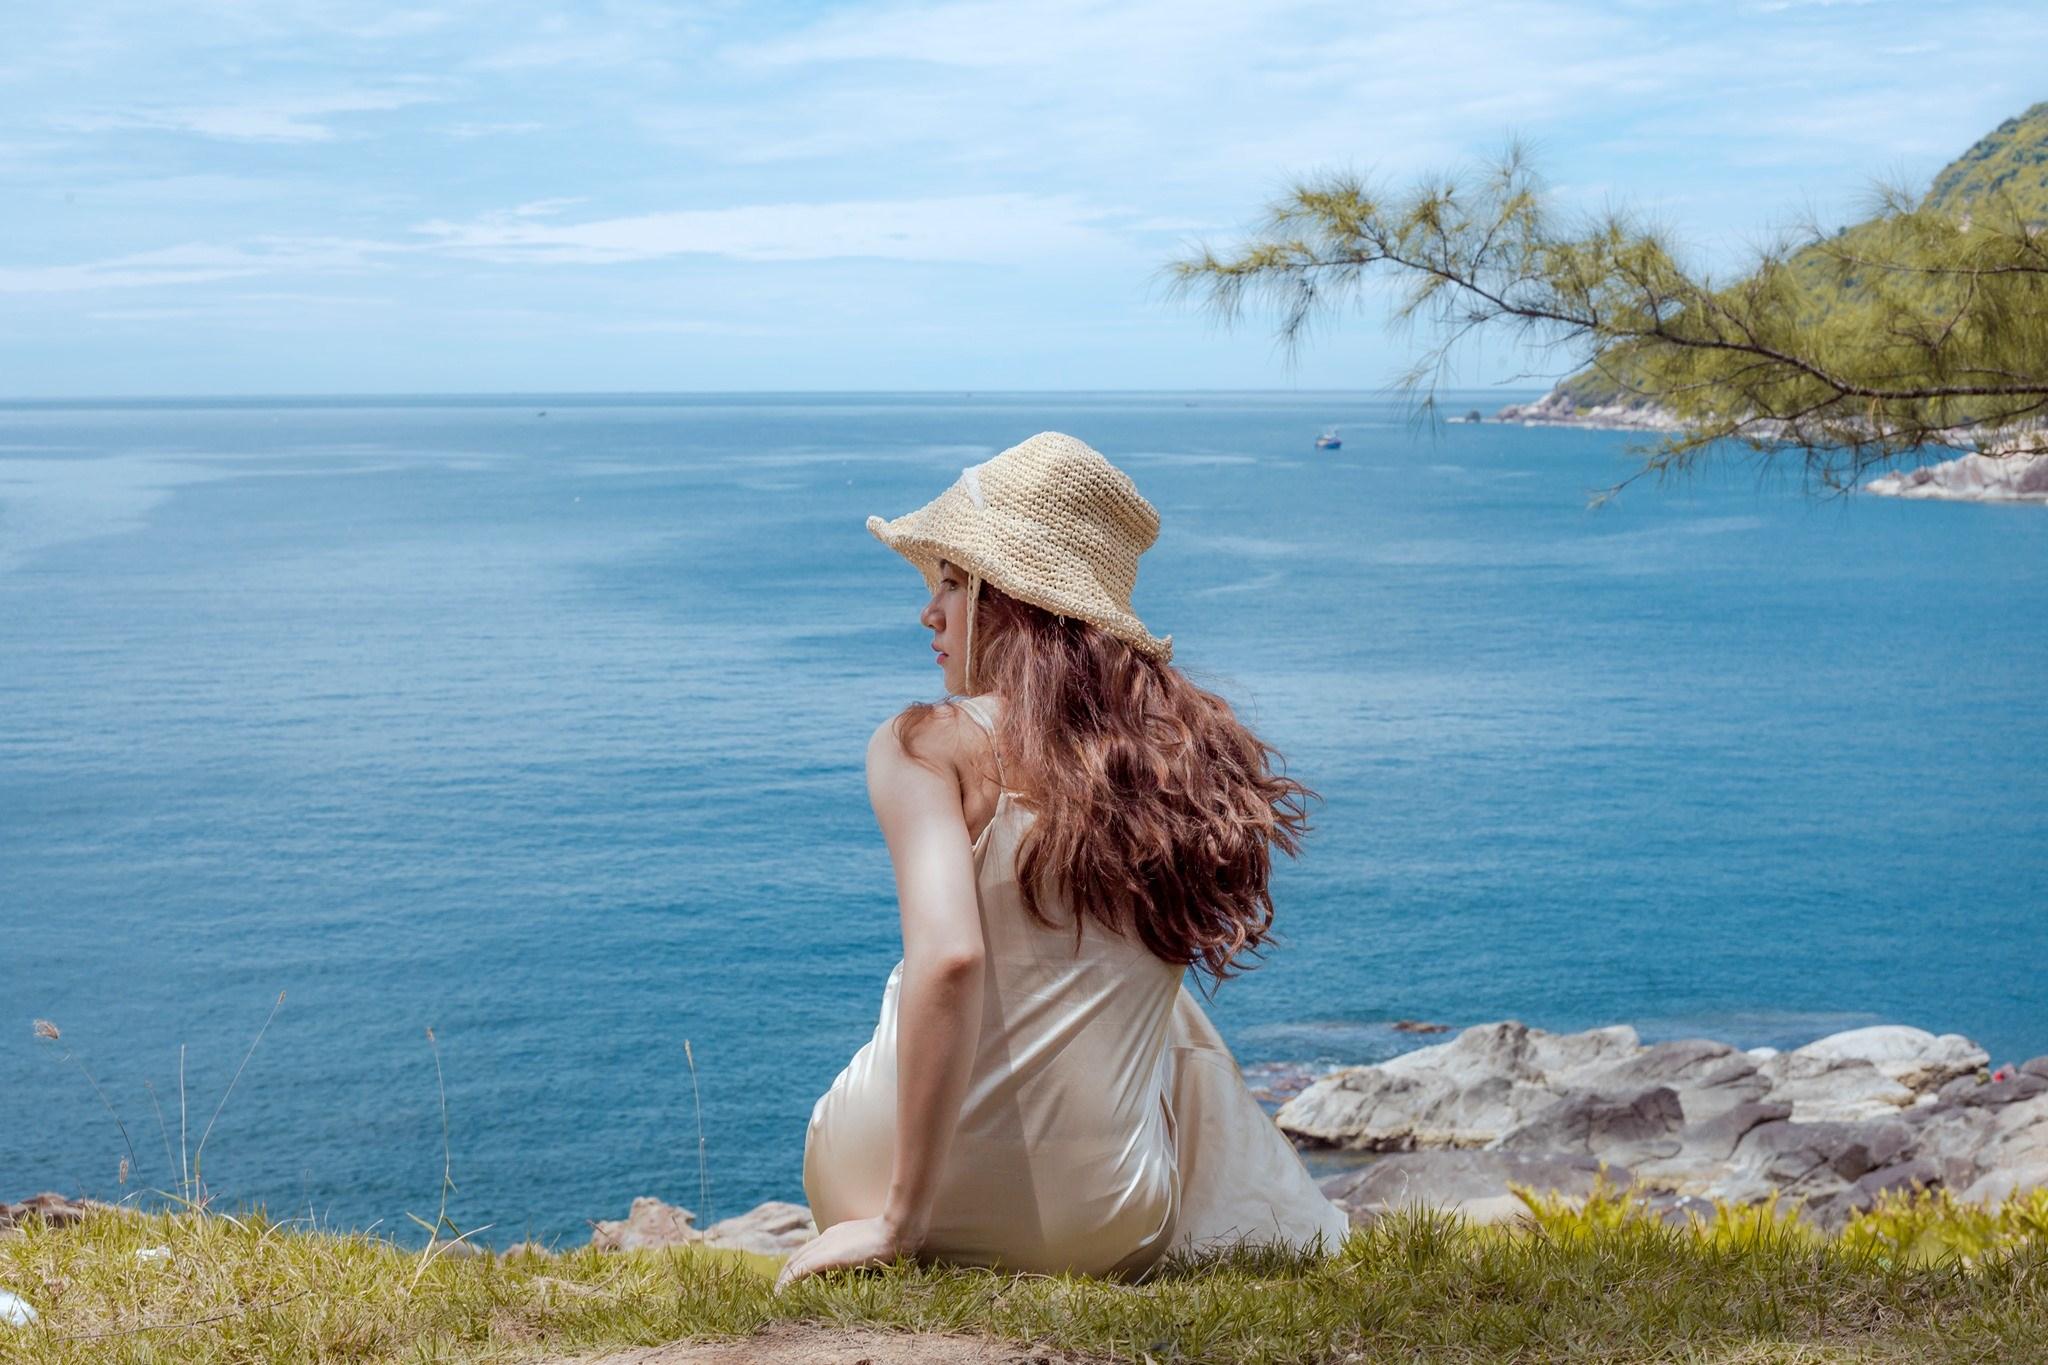 Thời tiết Đà Nẵng đẹp thu hút nhiều du khách tắm biển